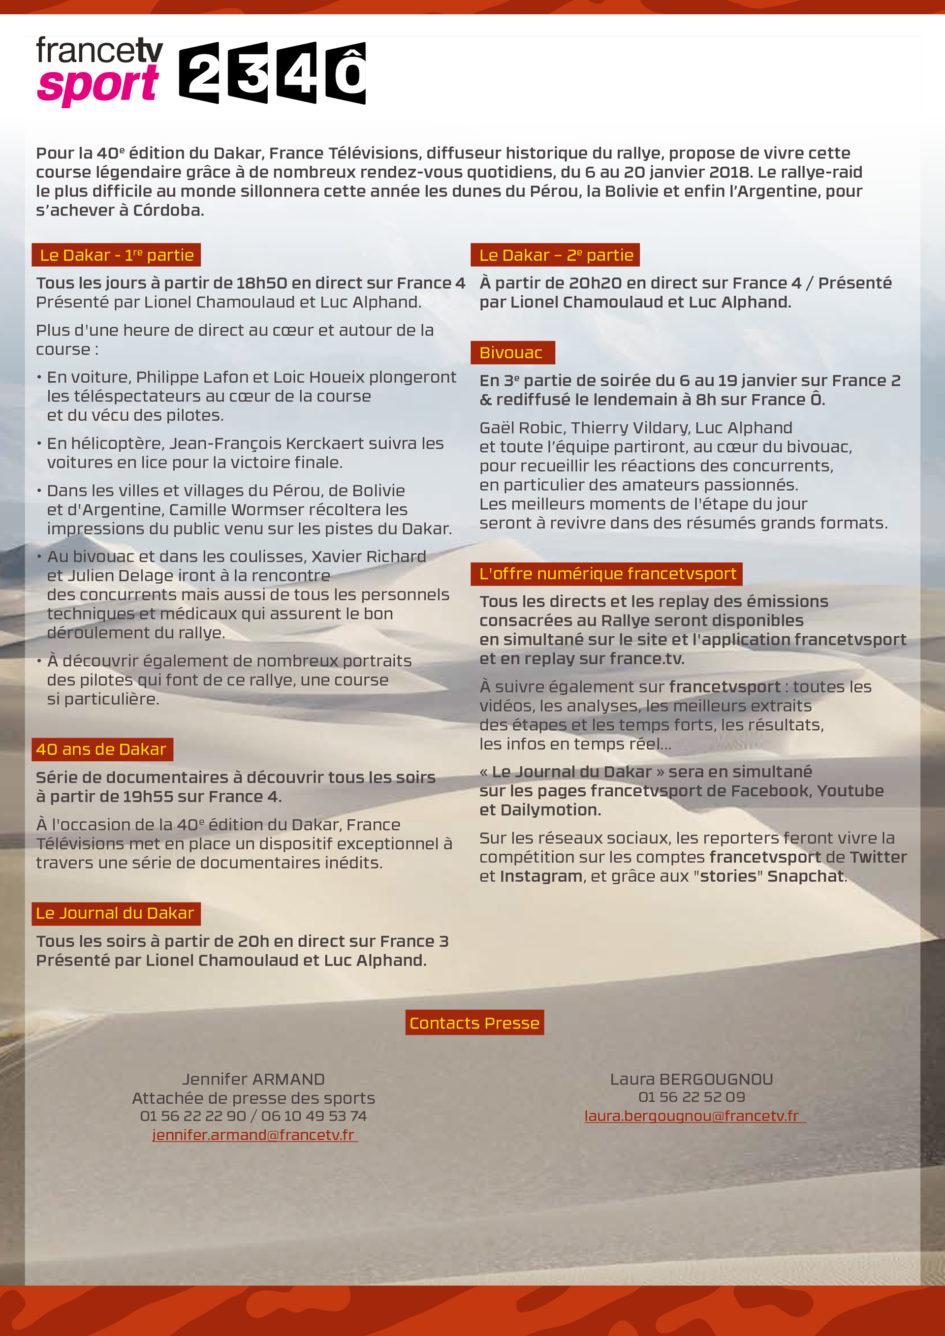 Infographie - Programme TV Dakar 2018 - du 6 au 20 janvier - via France Télévisions